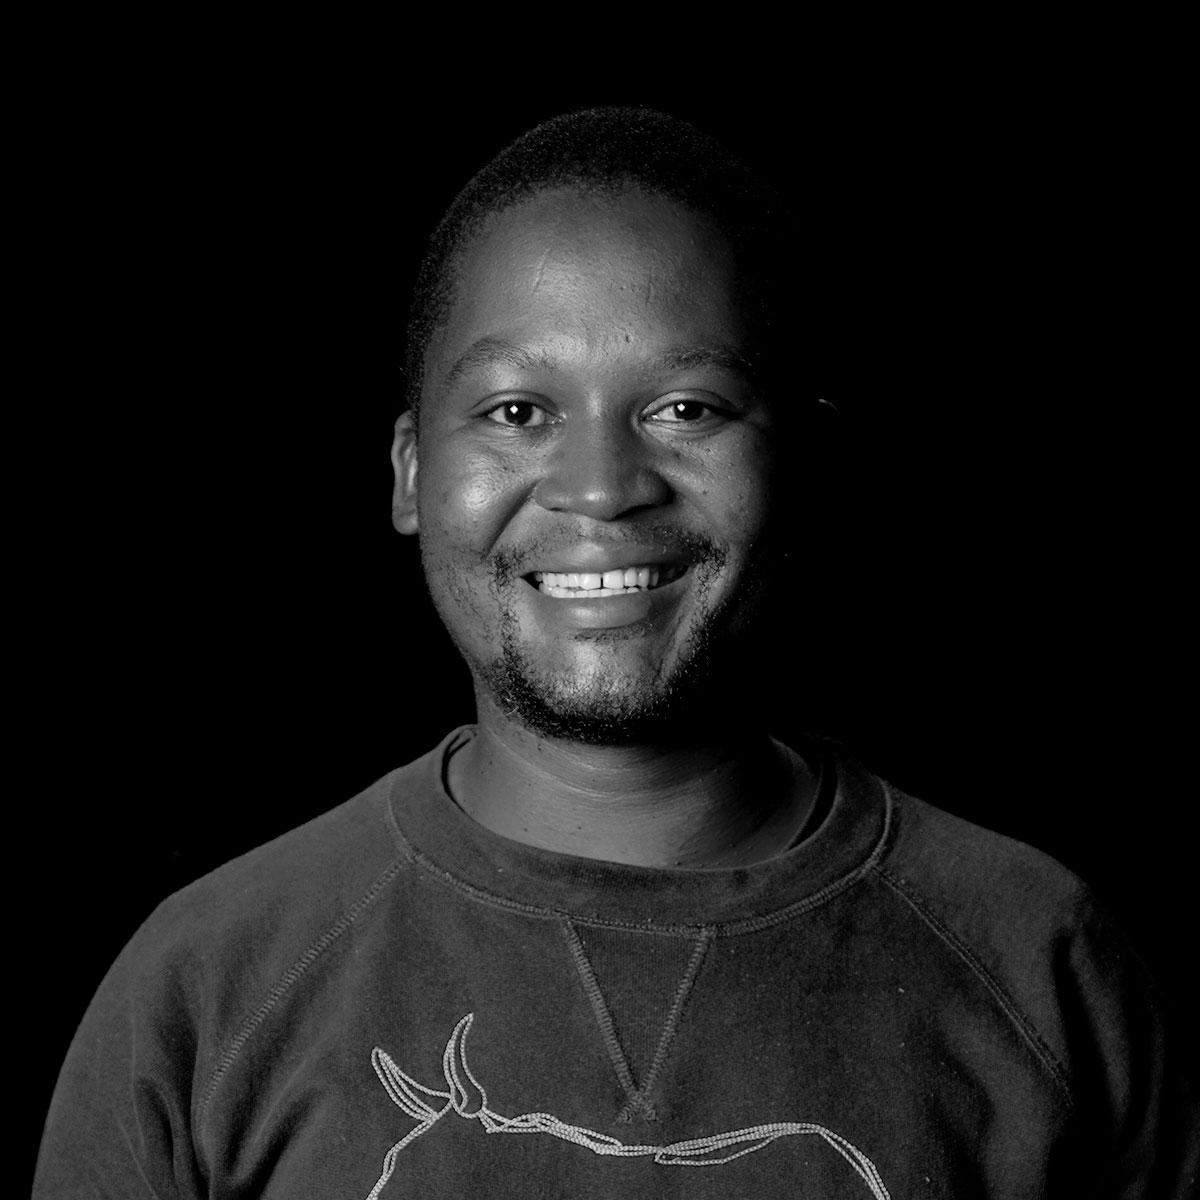 Tshepo Maloa